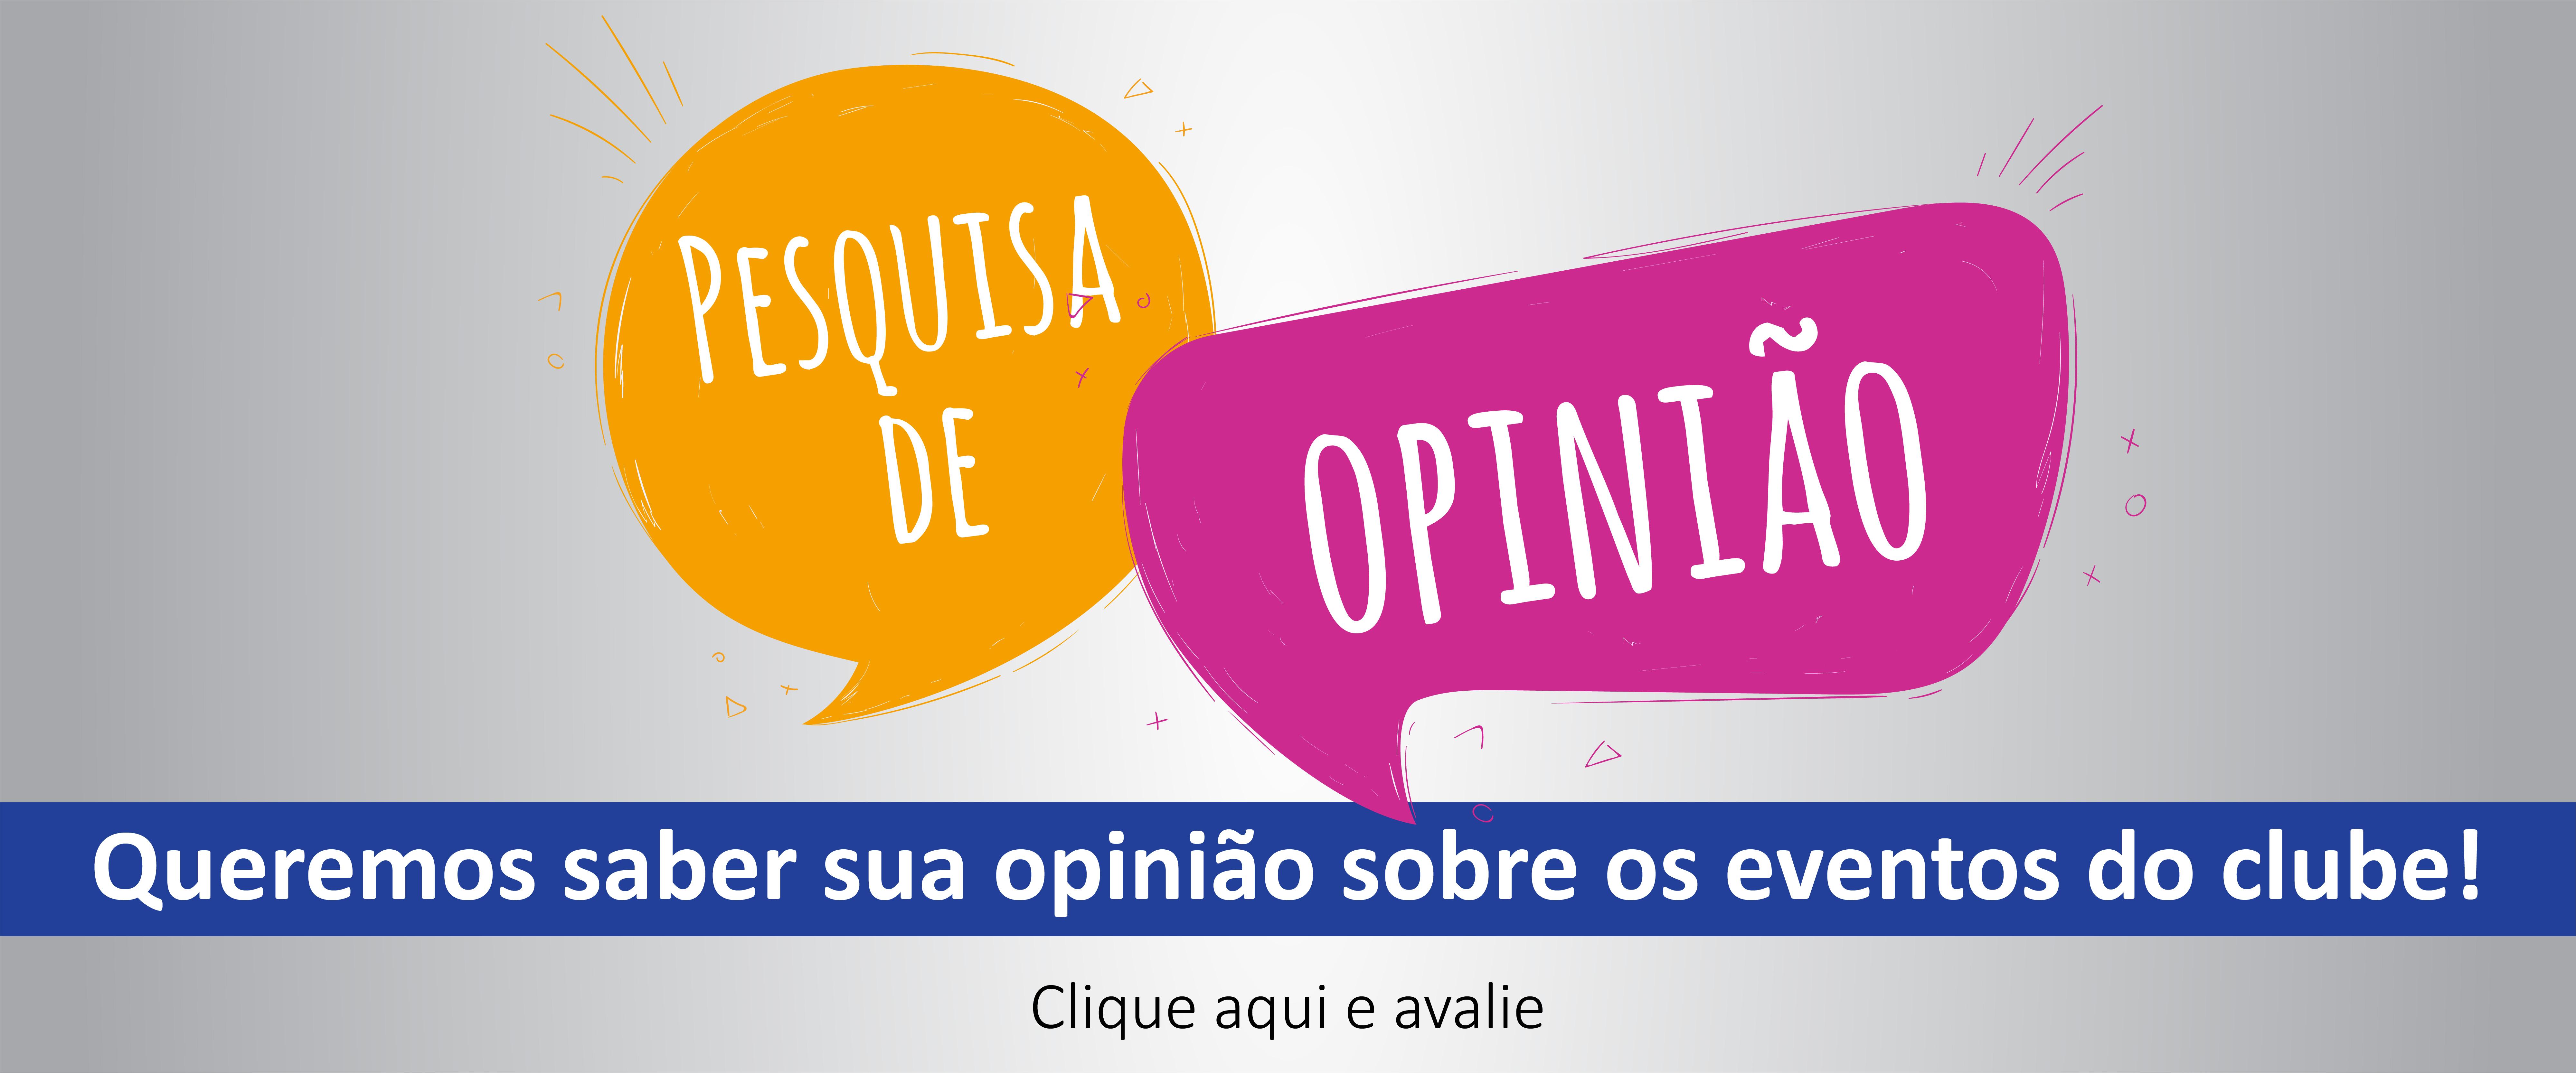 opiniao_eventos-01